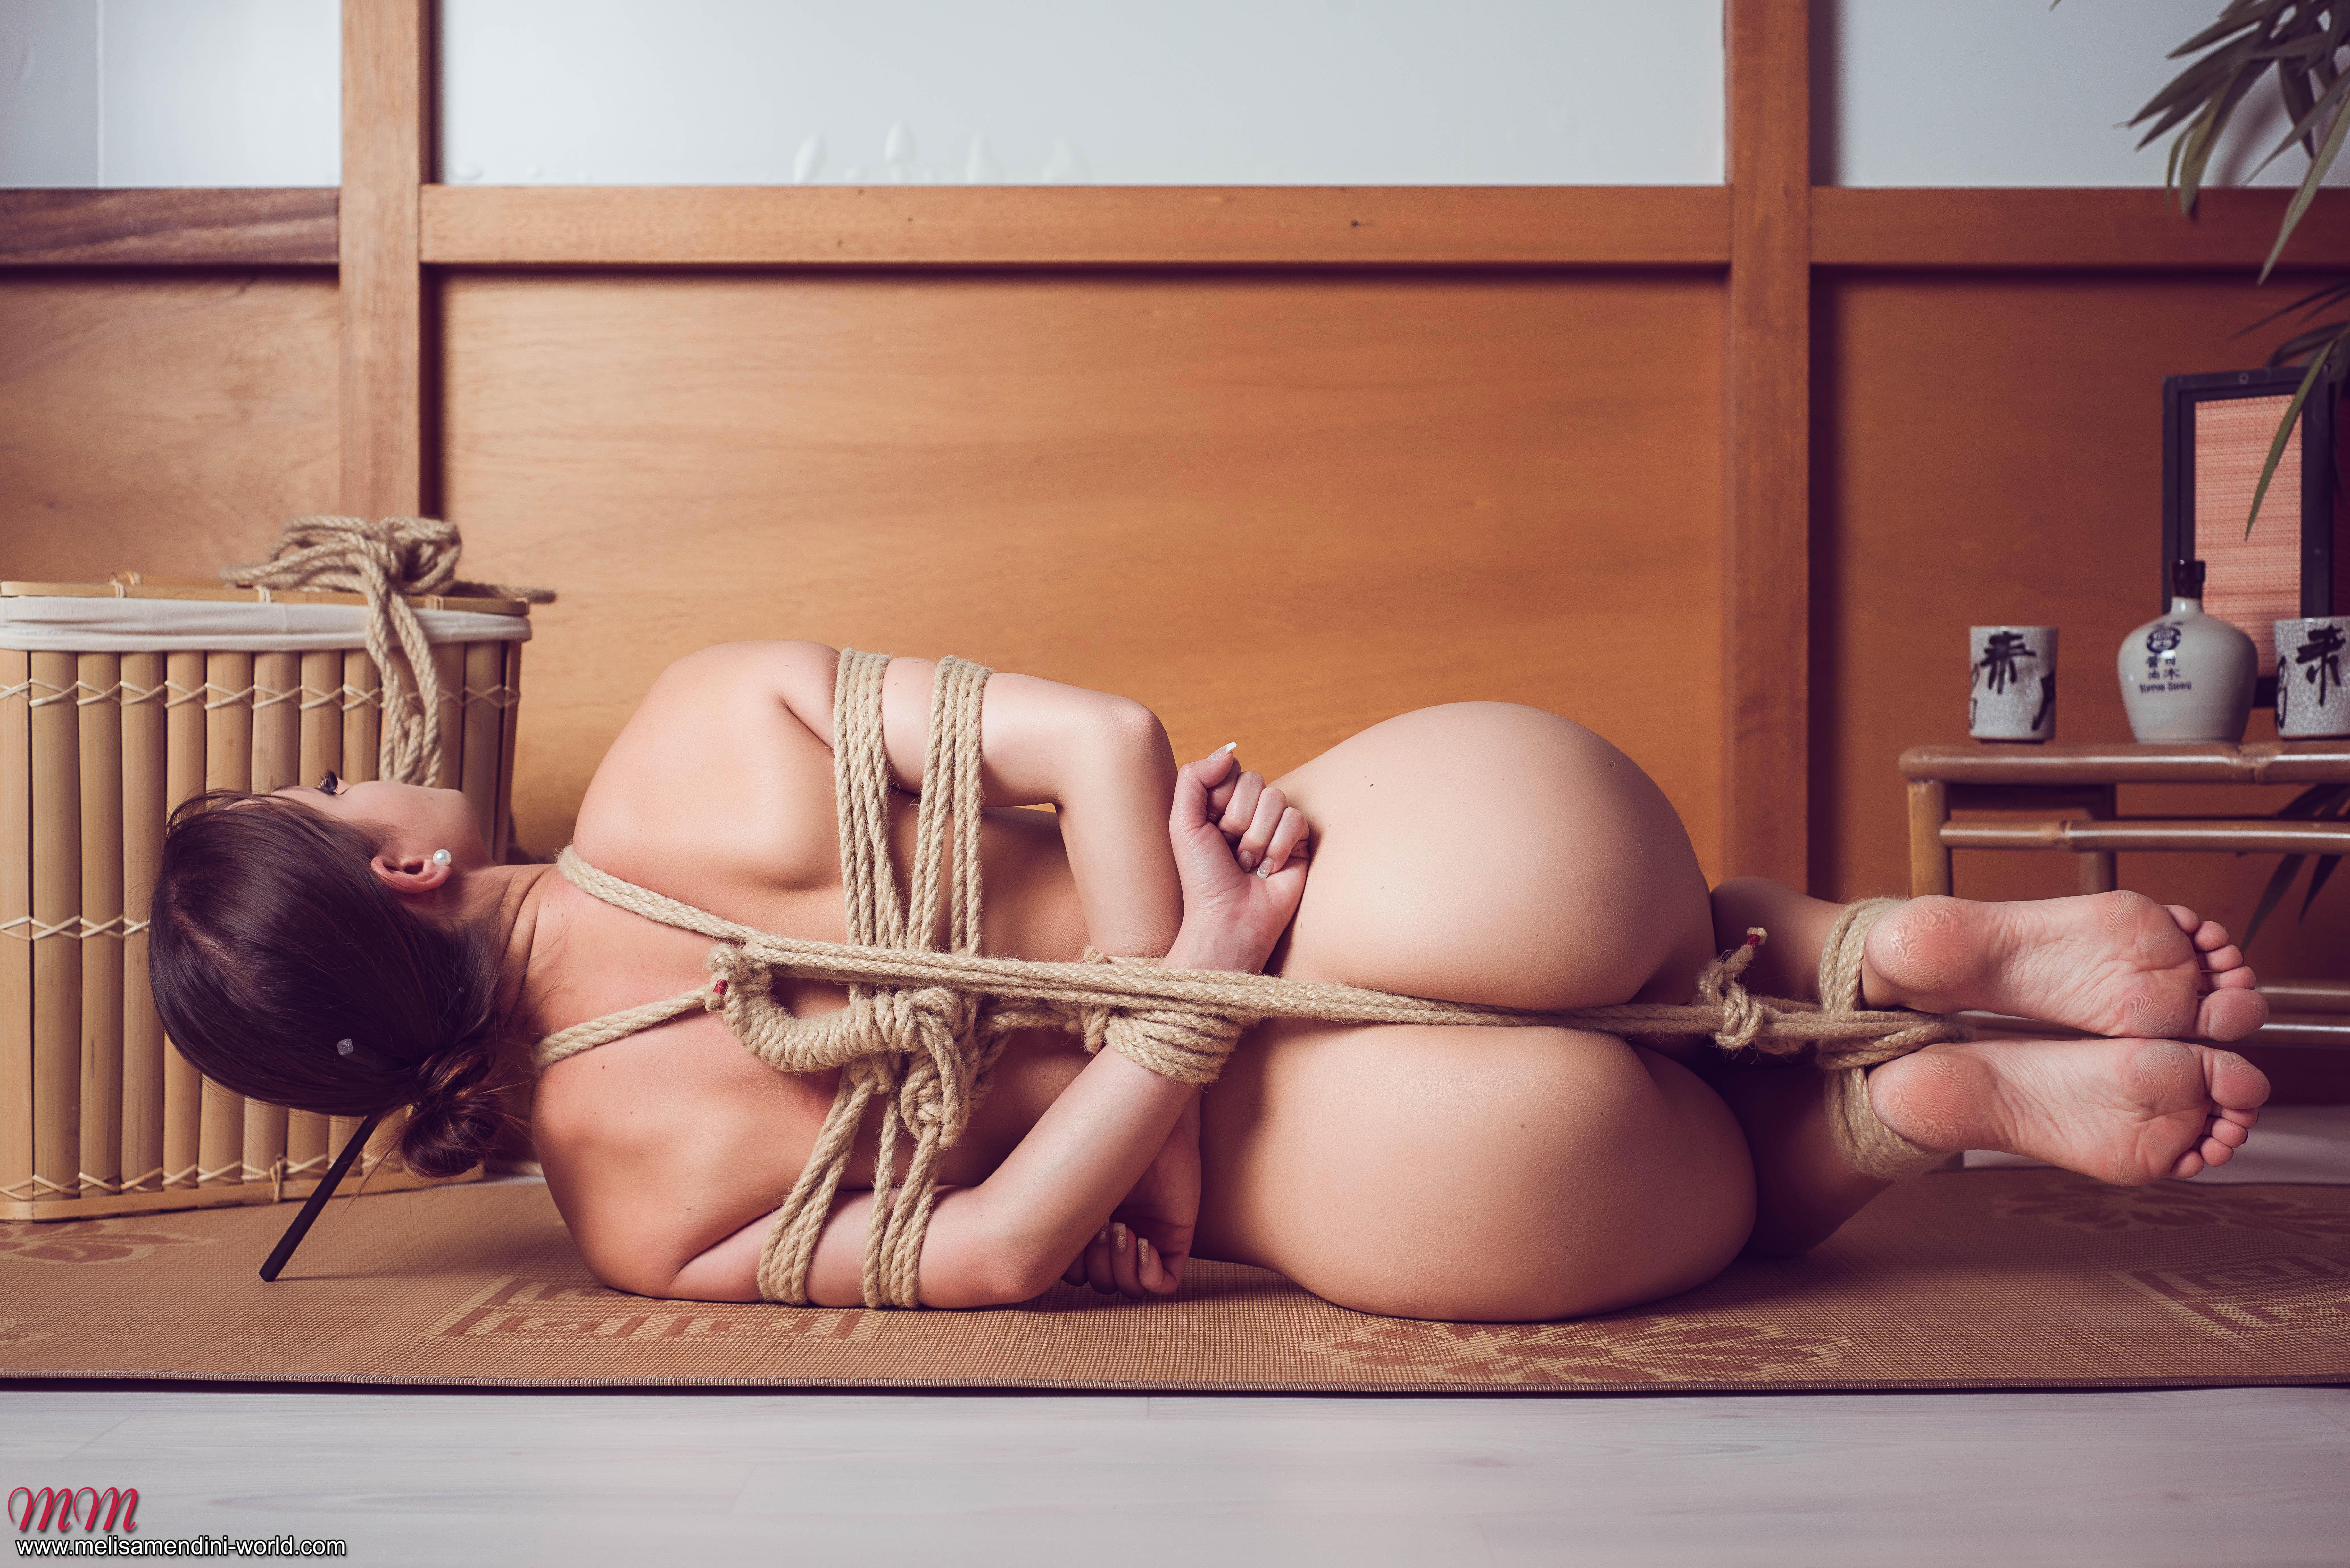 Фото голых связанных девушек, последнее порно кармелла бинг